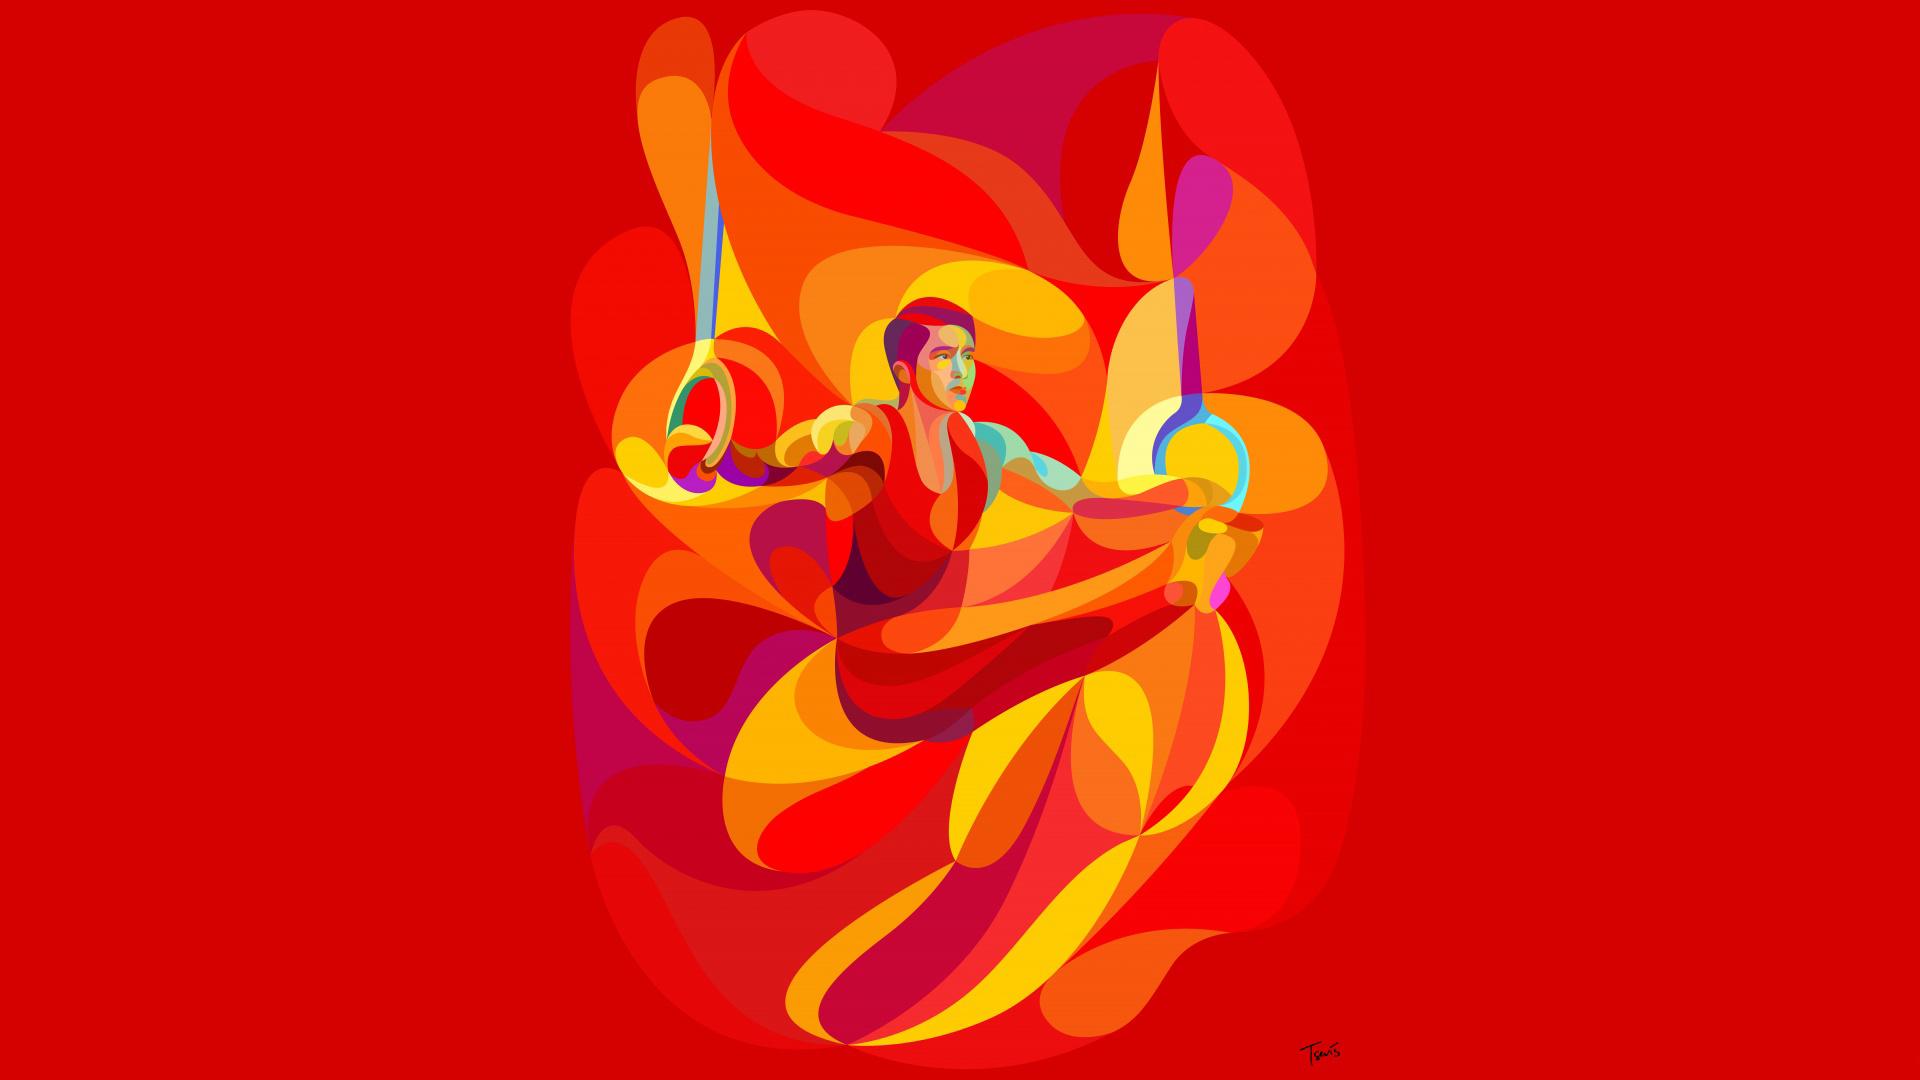 里约奥运会宣传海报ppt背景图片下载